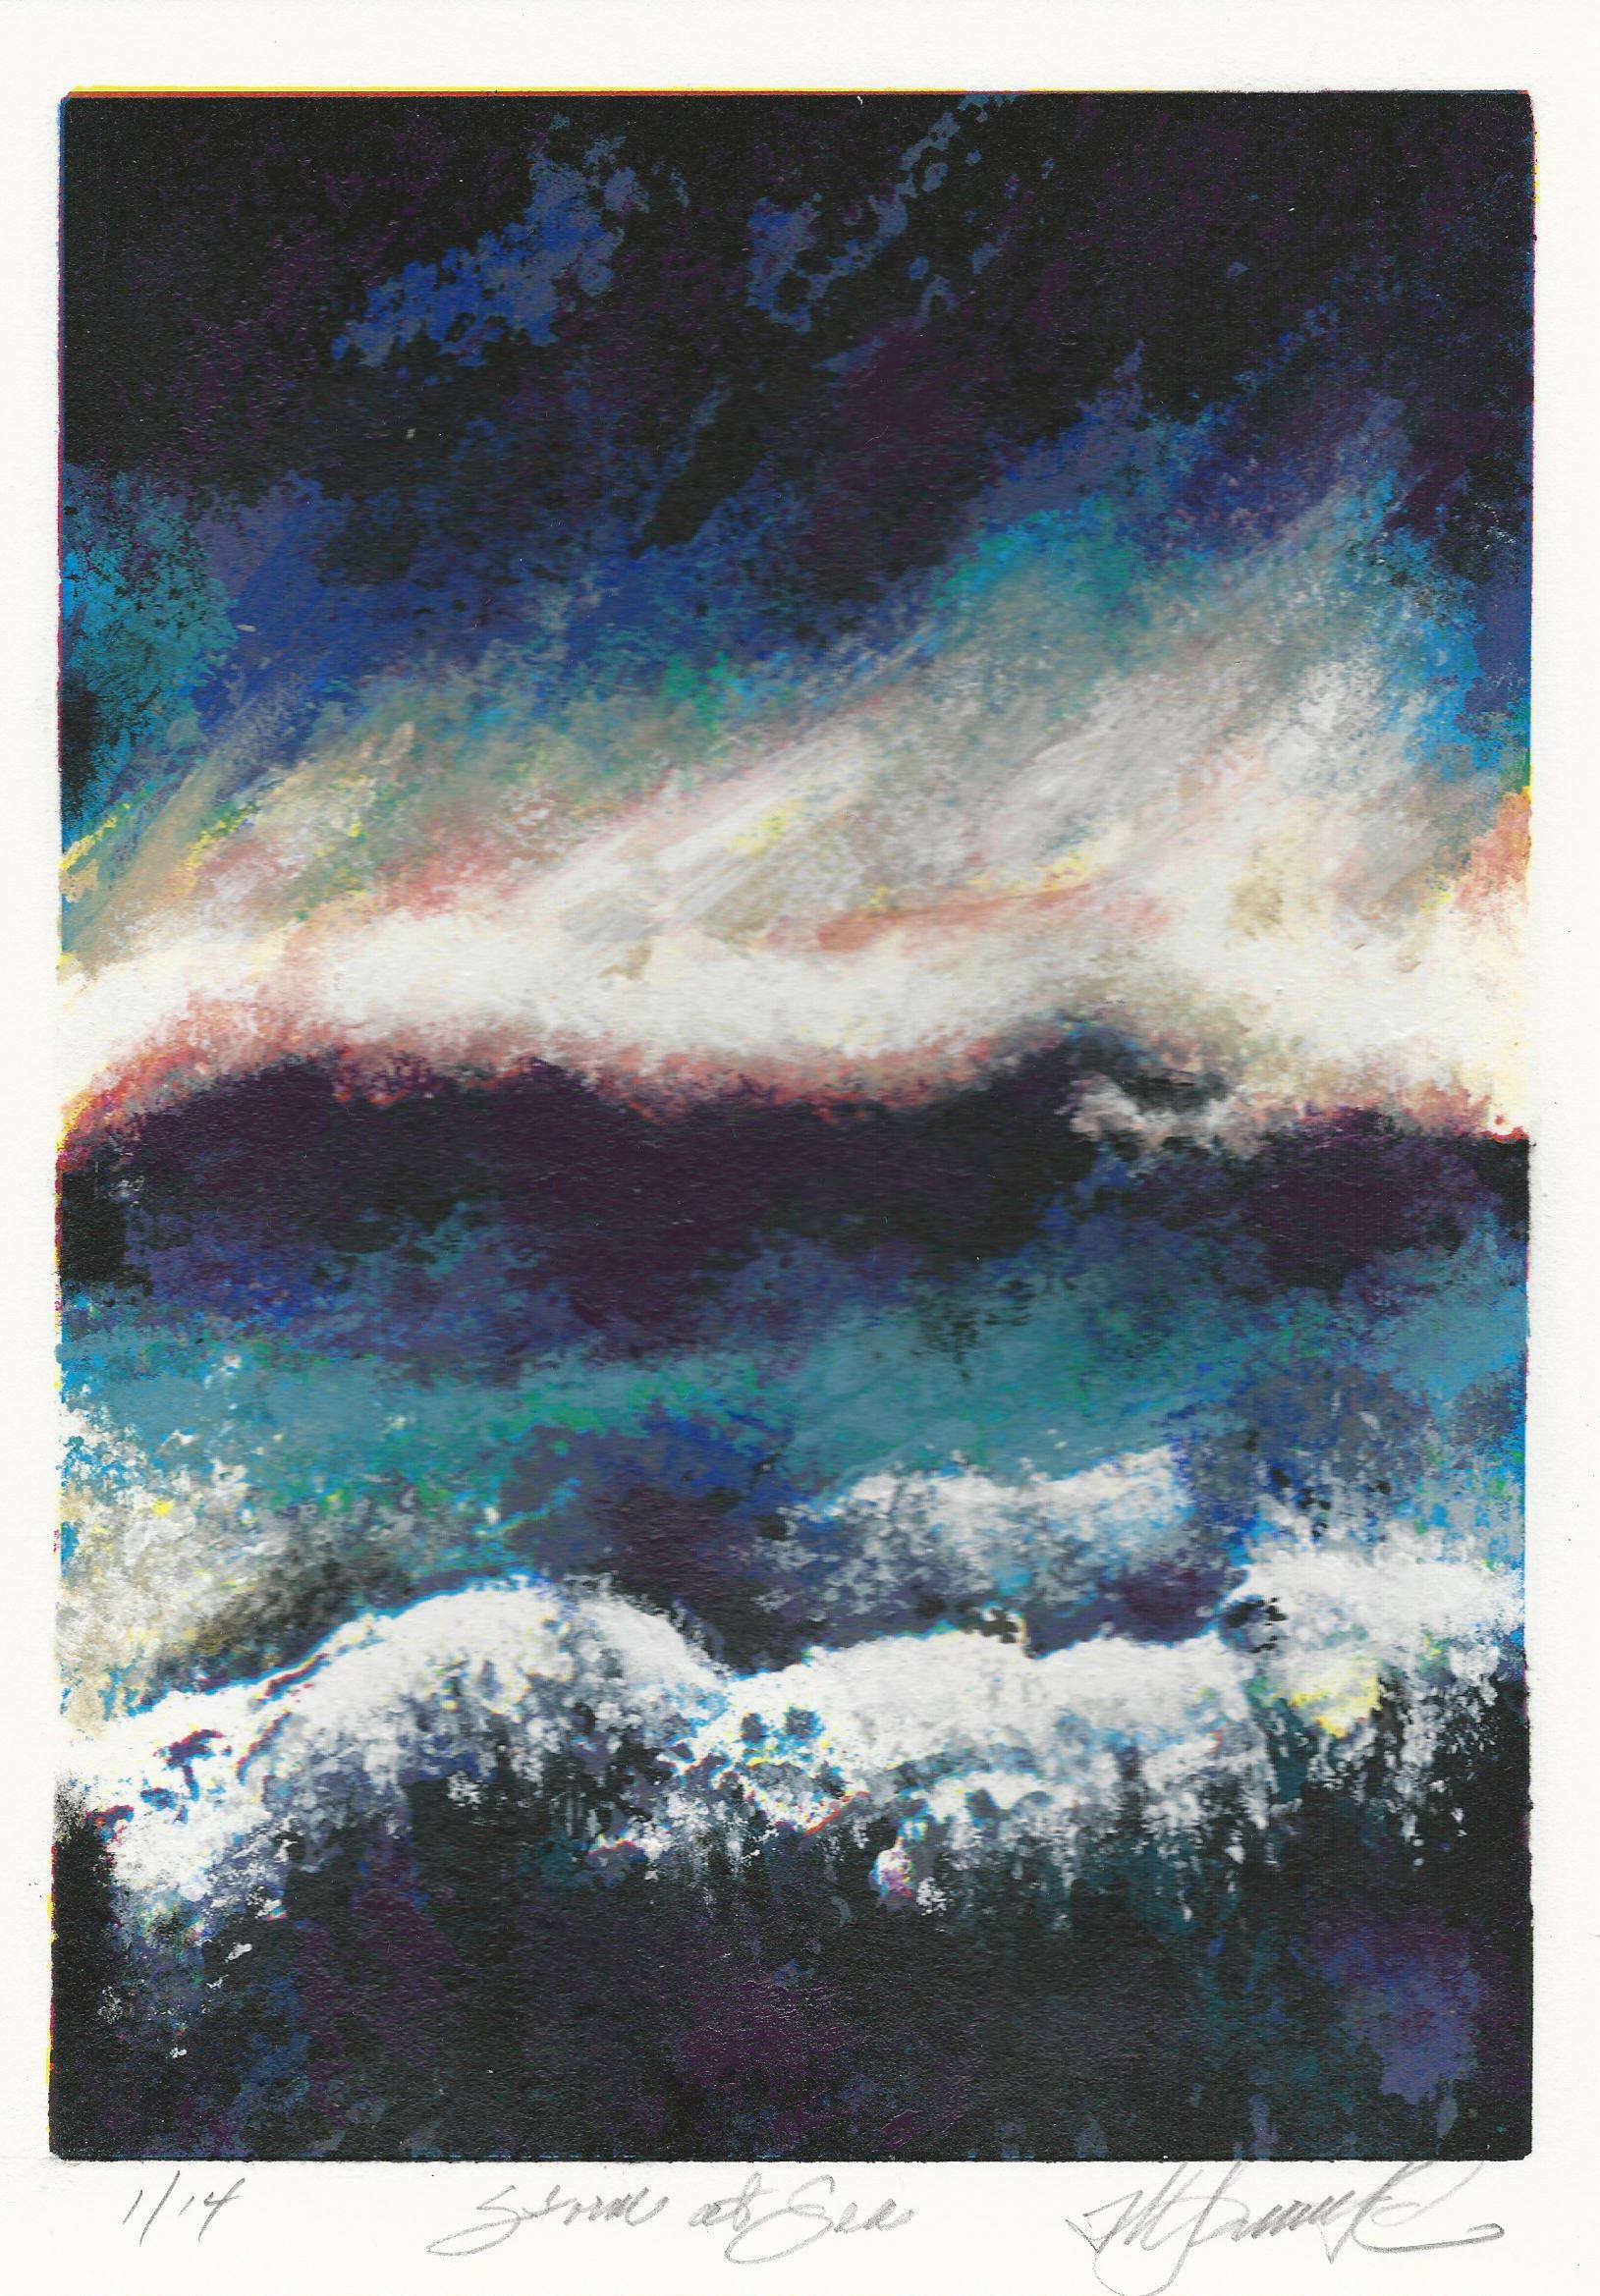 Al Lochtefeld | STORM AT SEA | screenprint | 10.5x7.5 | 2016